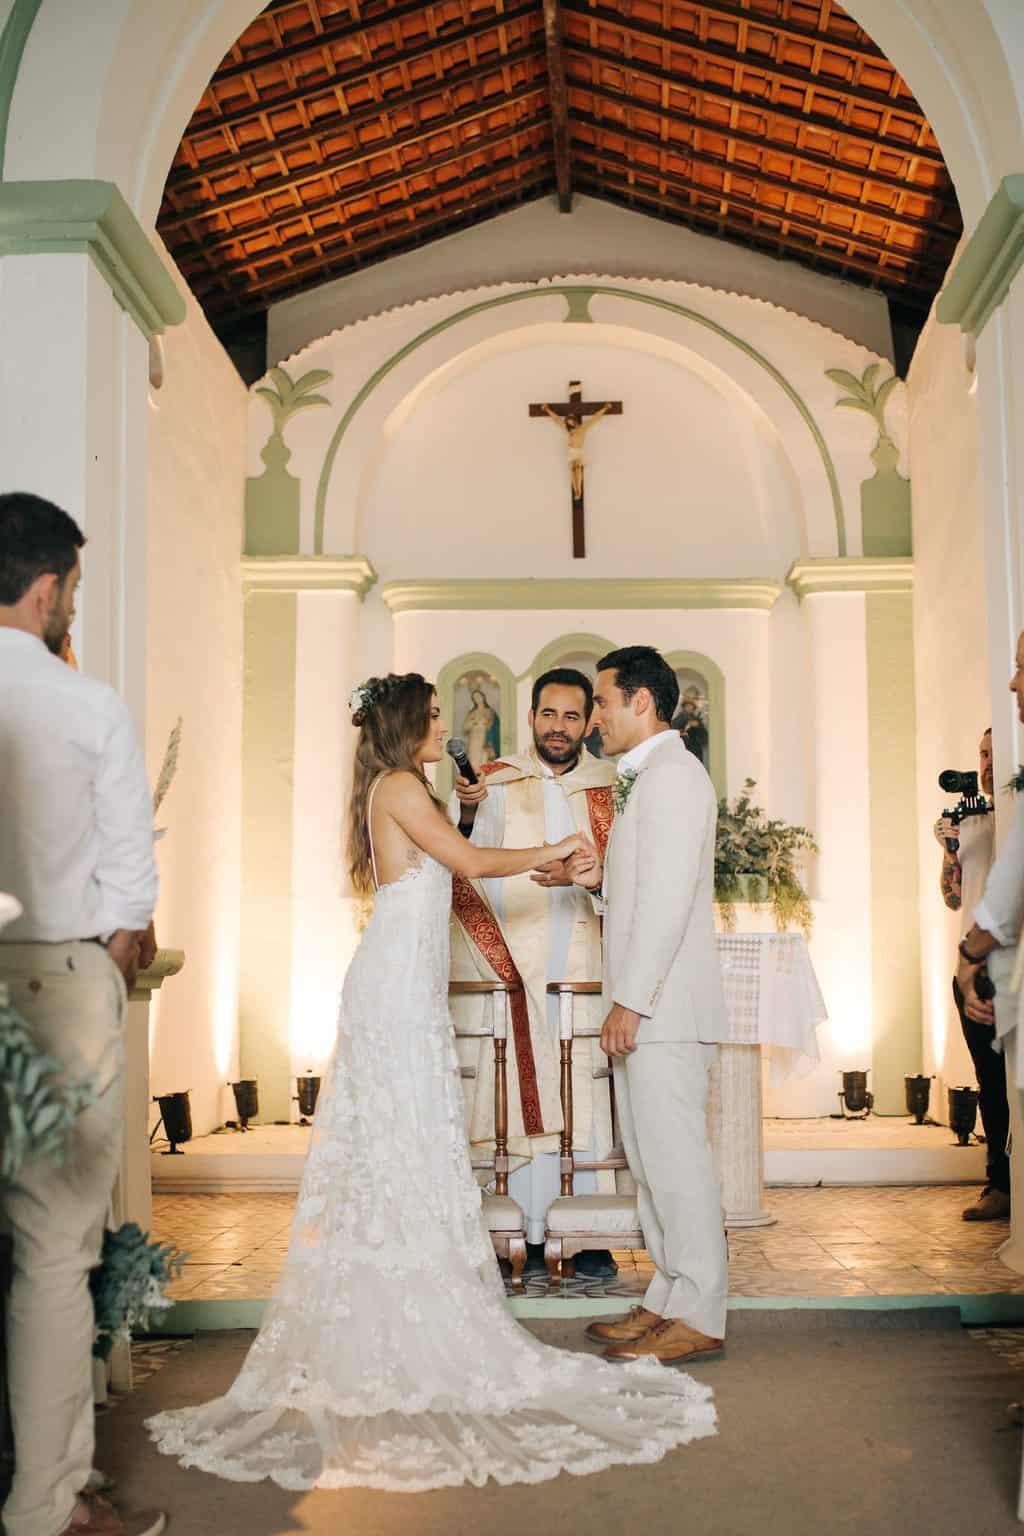 casamento-Danielle-e-Guilherme-aloha-fotografia-caseme-93